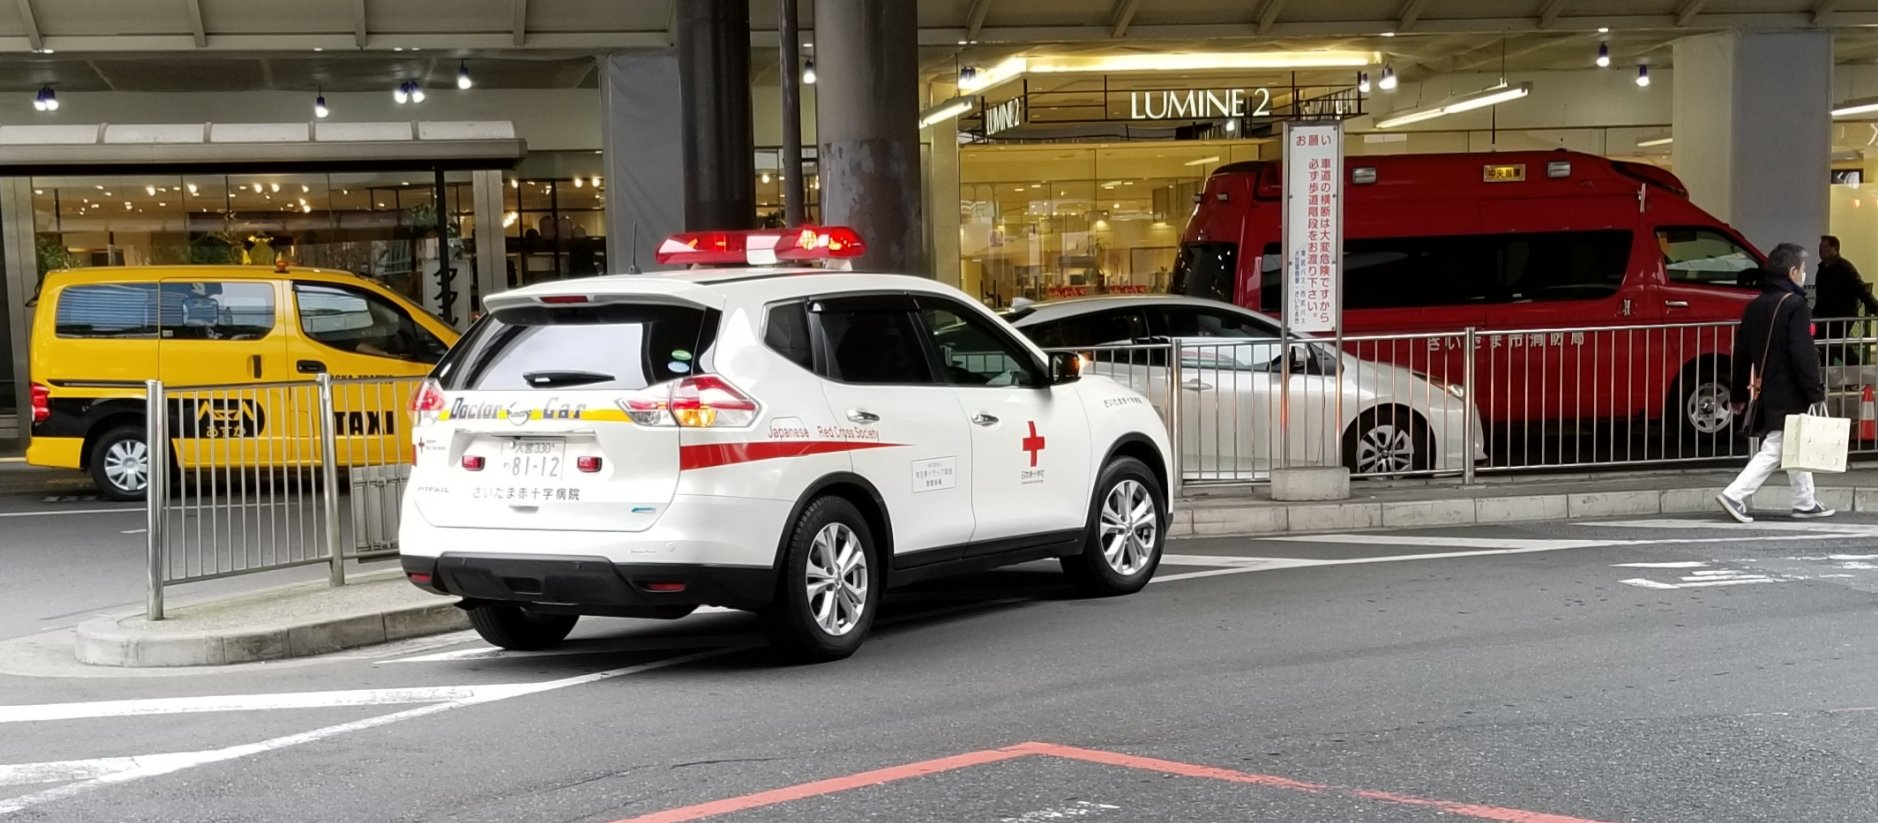 画像,大宮駅鉄道事故にさいたま日赤ドクターカー臨場 https://t.co/lfrhs9NoUA。